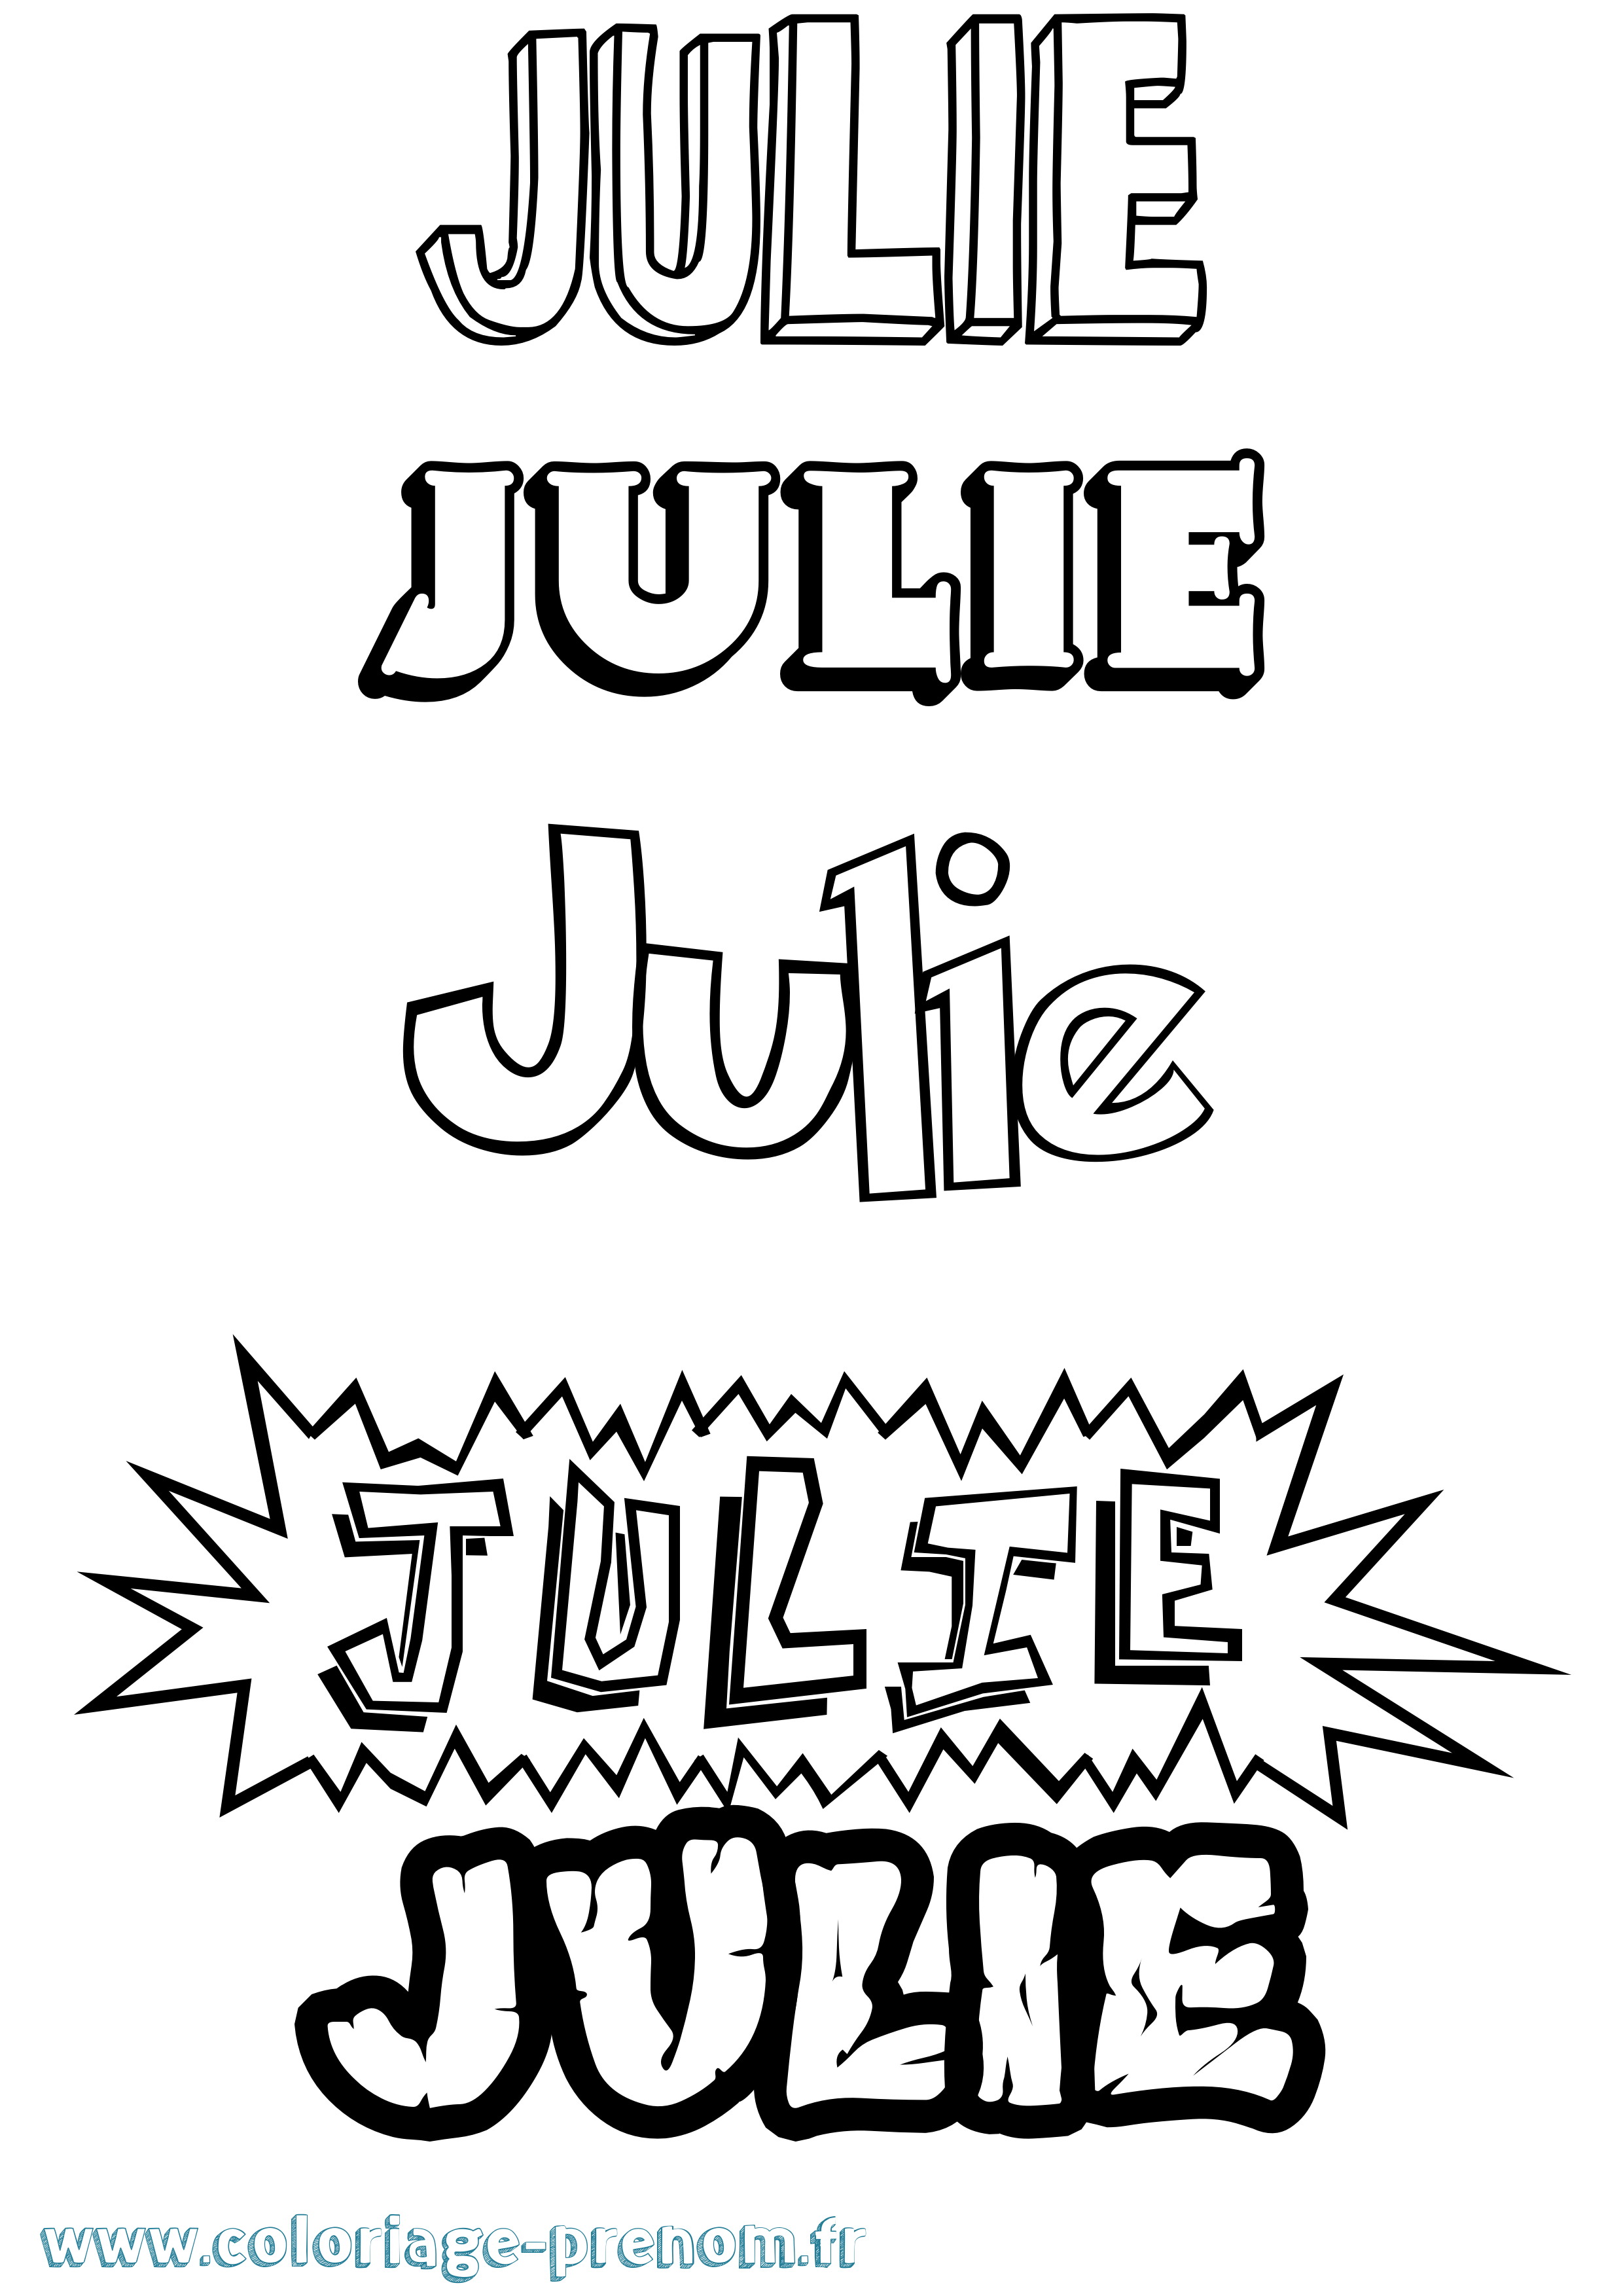 Coloriage du pr nom julie imprimer ou t l charger facilement - Prenom a imprimer ...